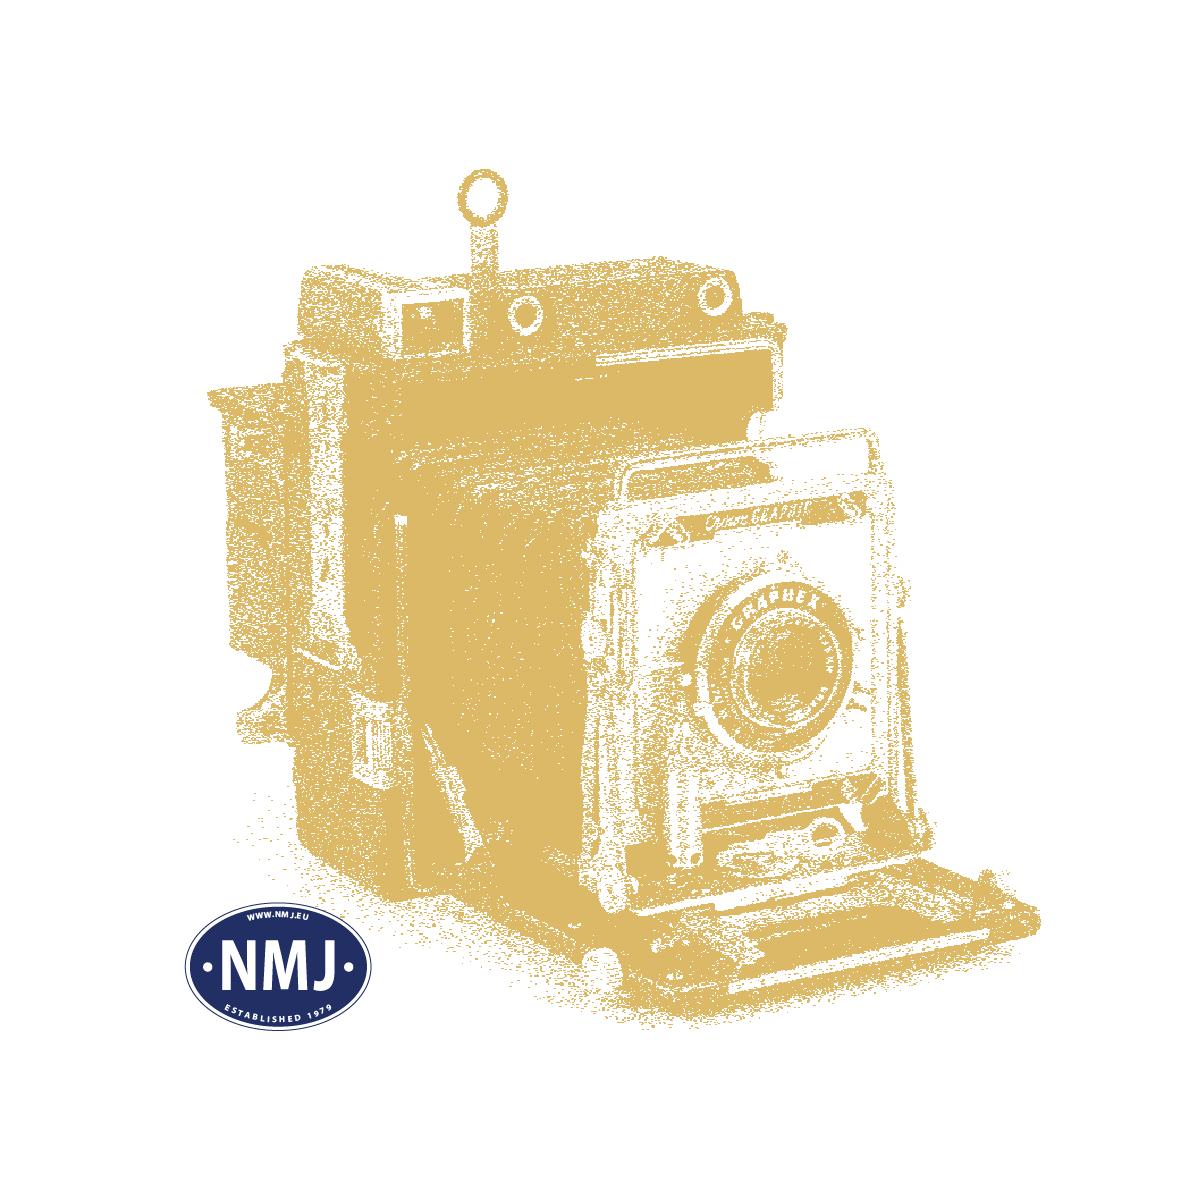 ANEAP004 - DCC Digital dekoder for 4 Servomotorer